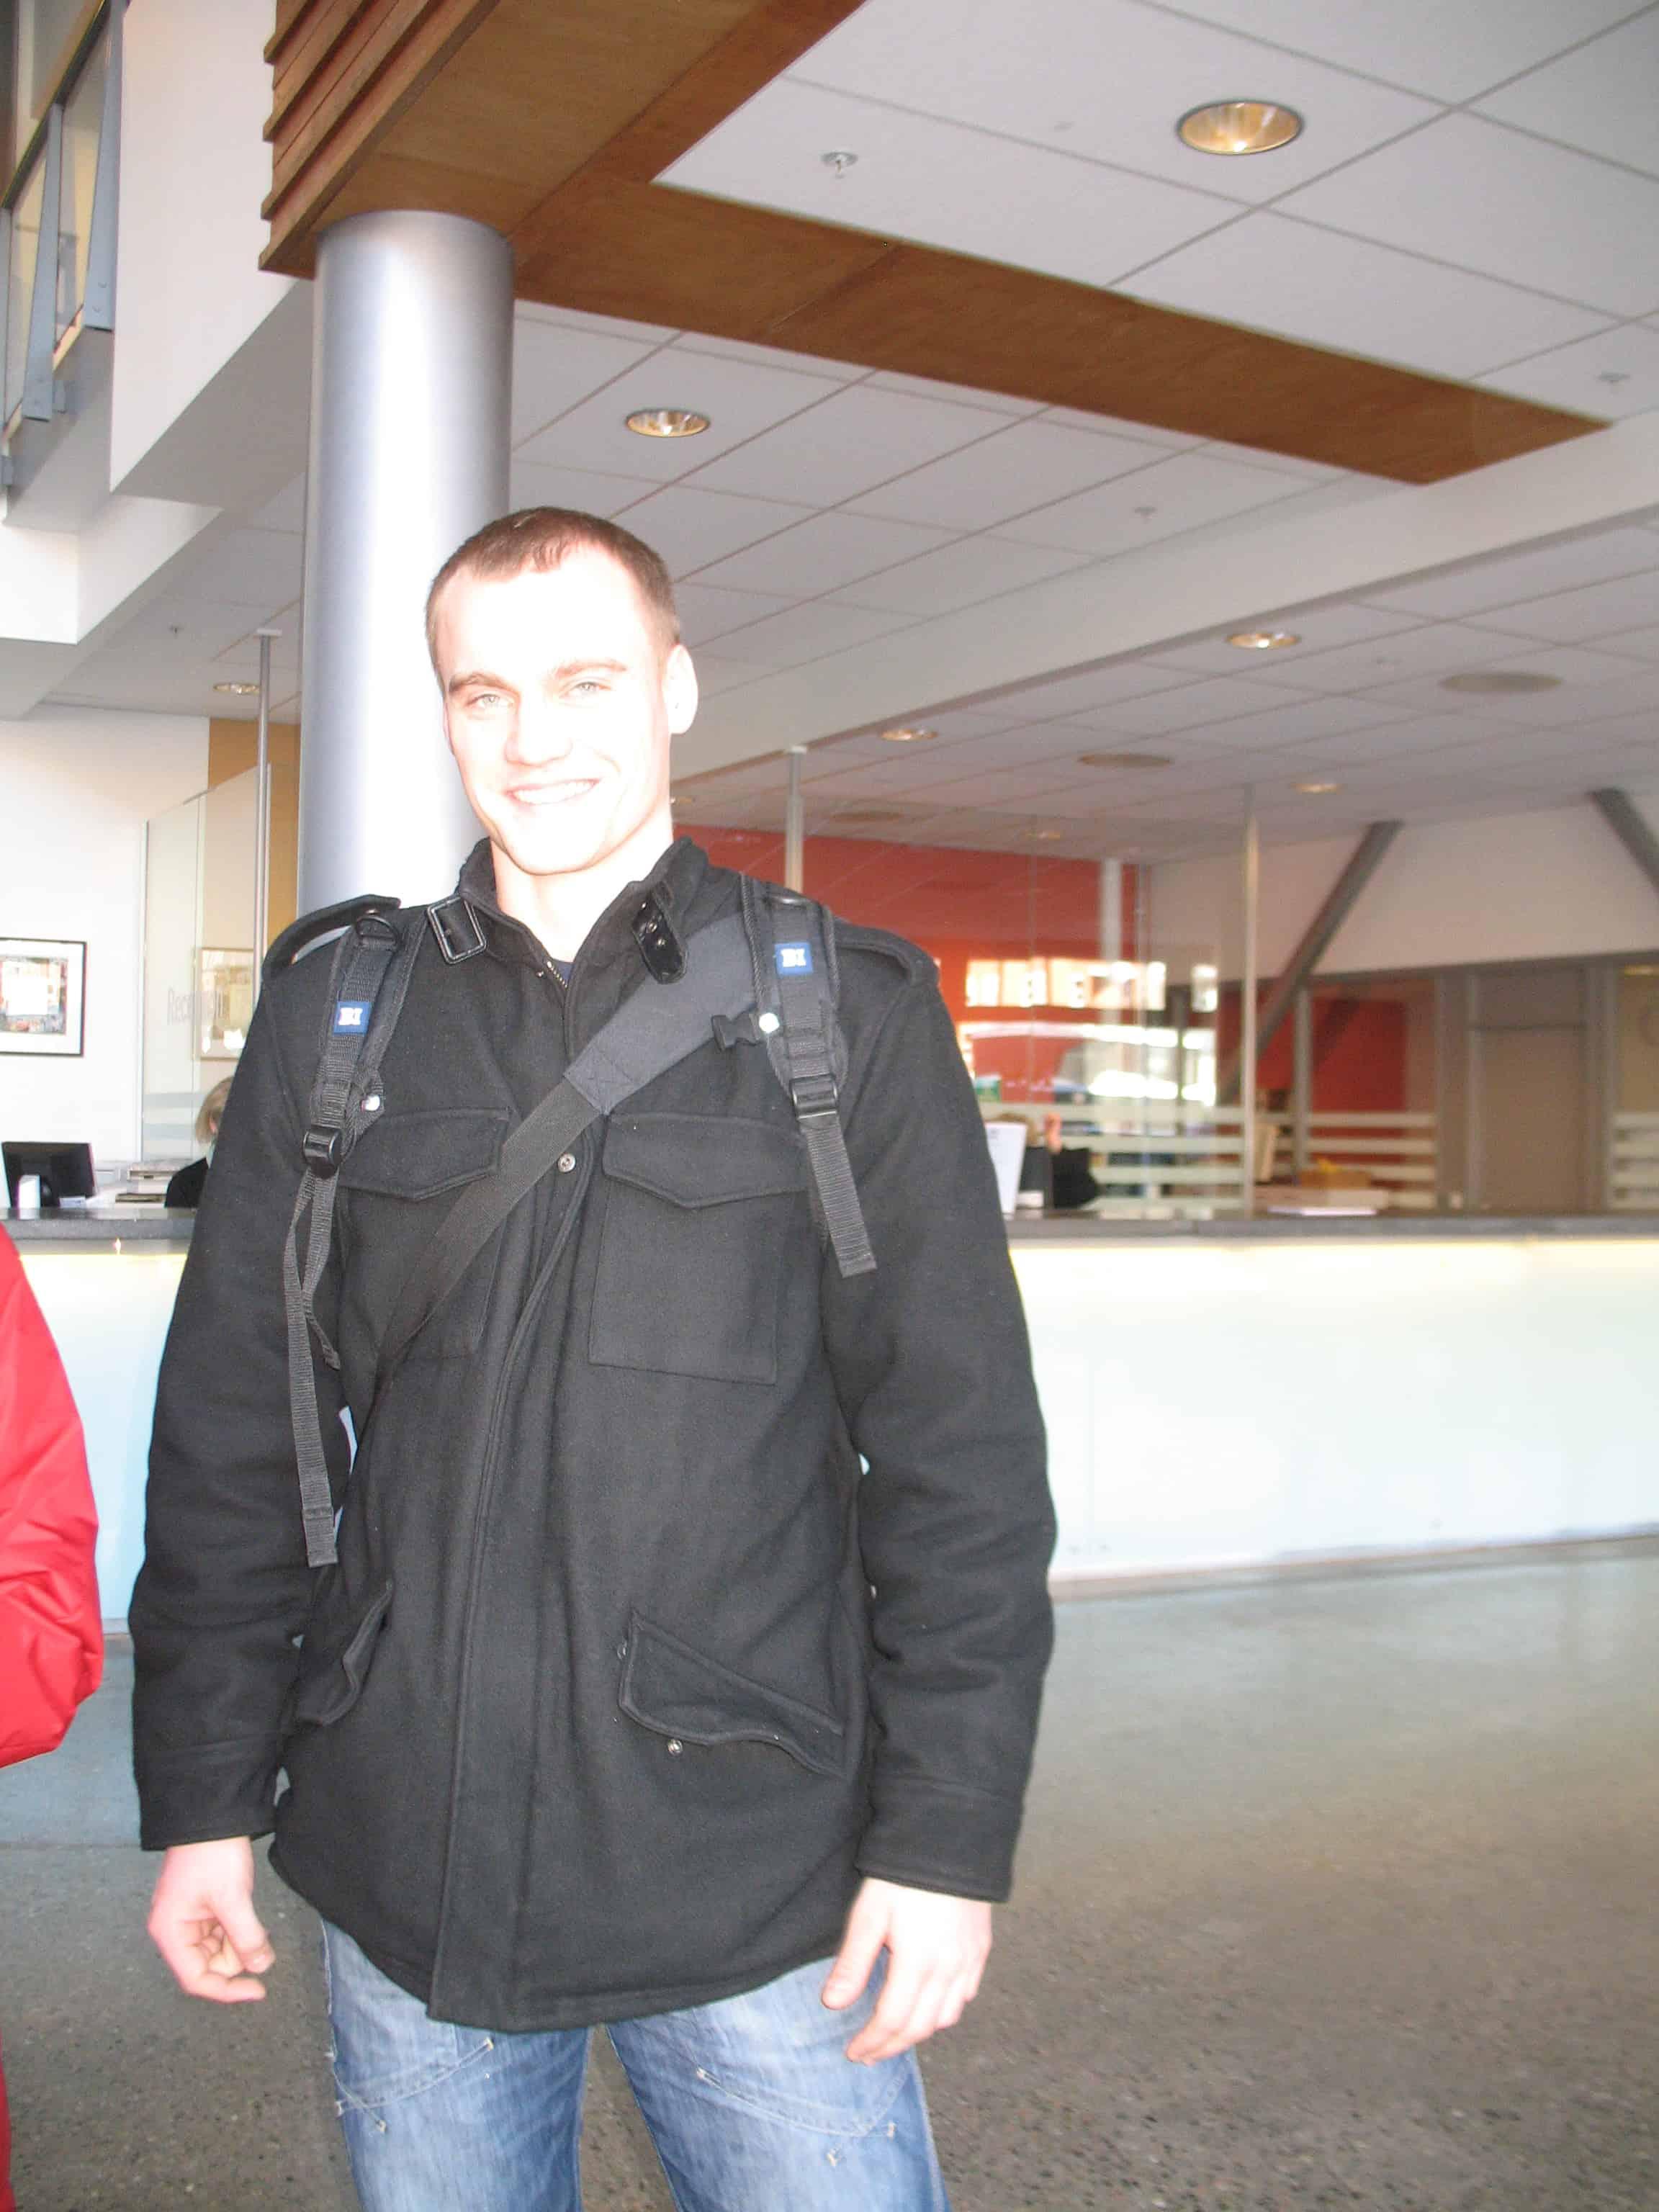 Марк, студент Бизнес-института в Осло